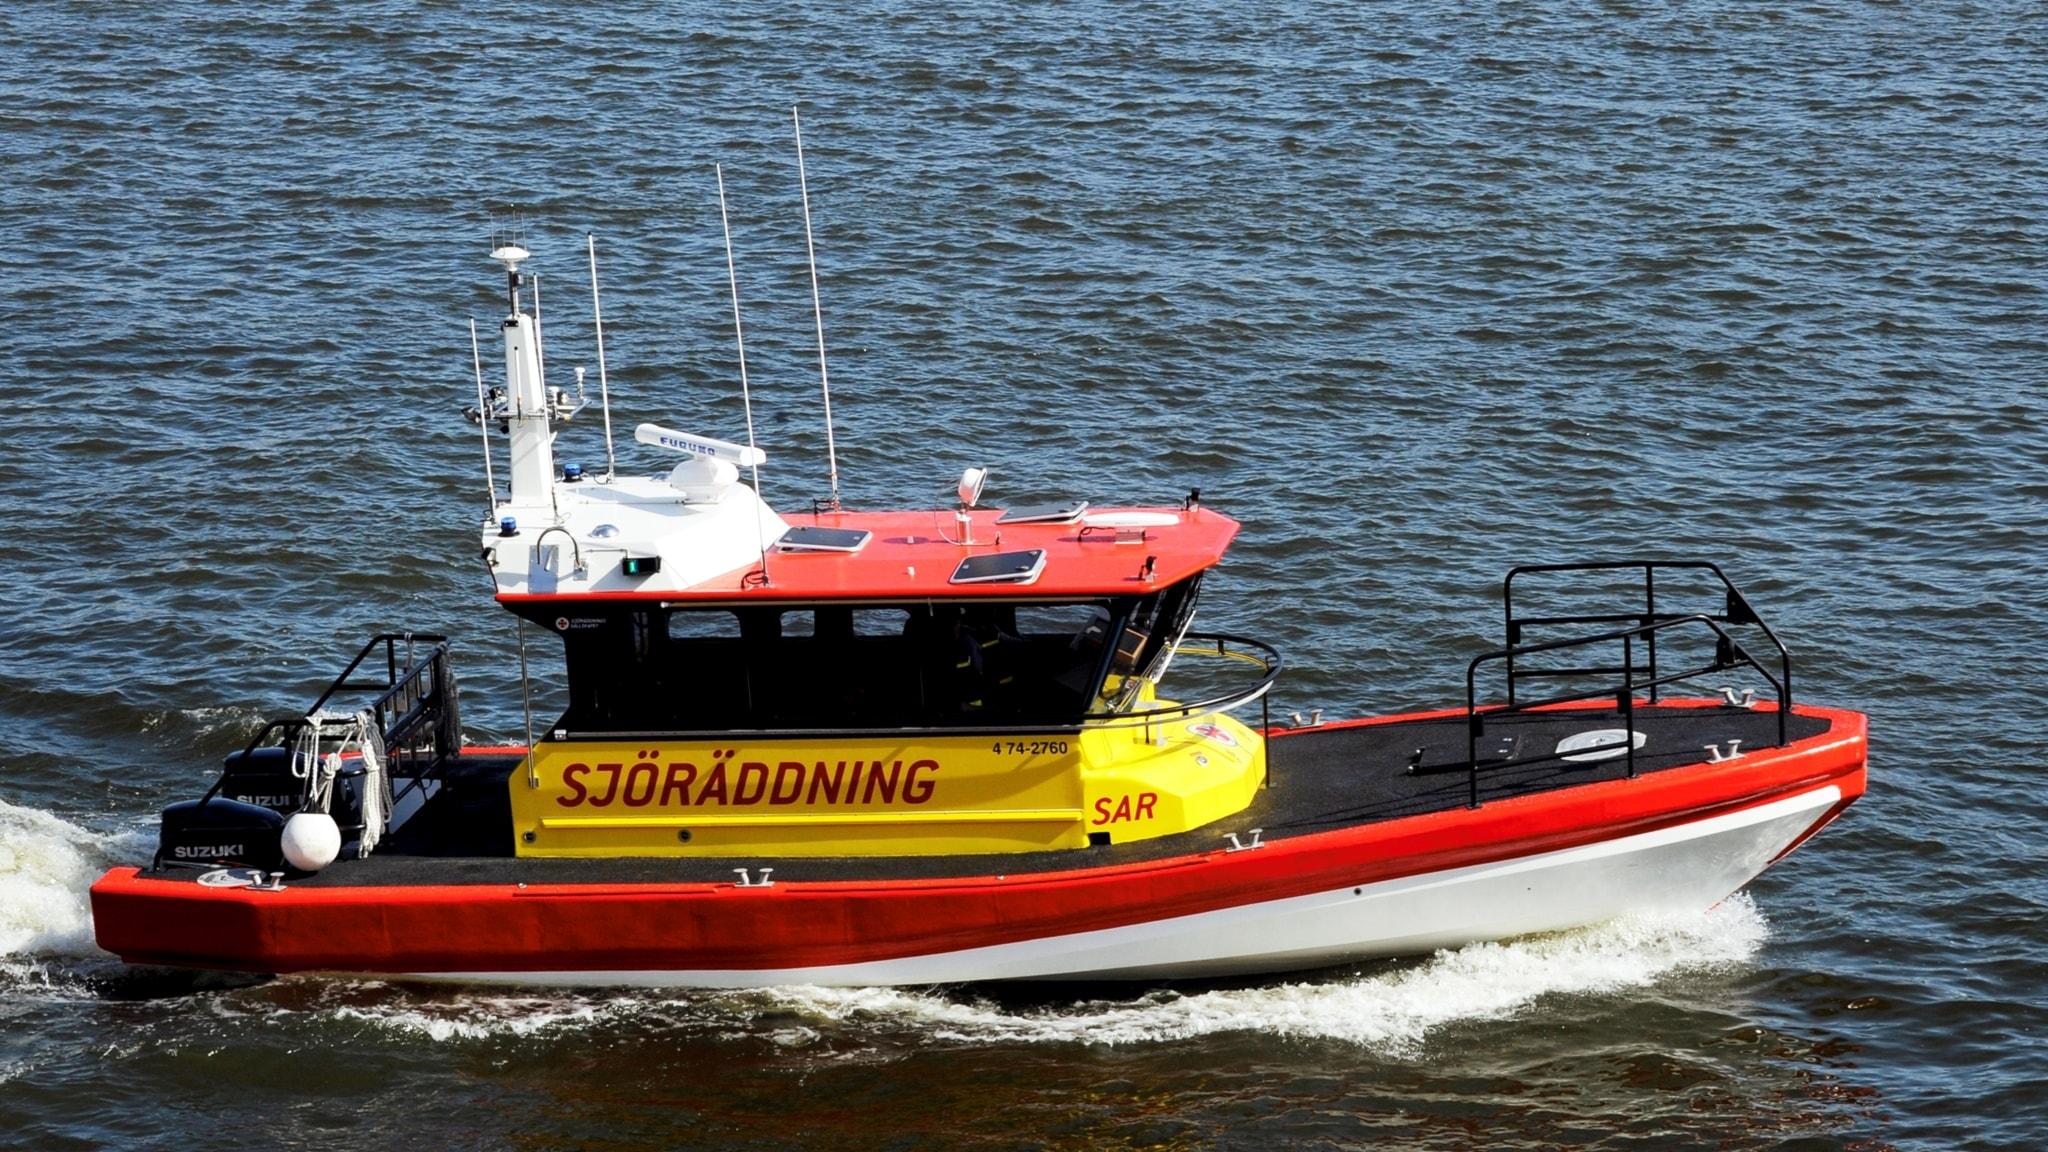 Mycket att göra för sjöräddningen i år